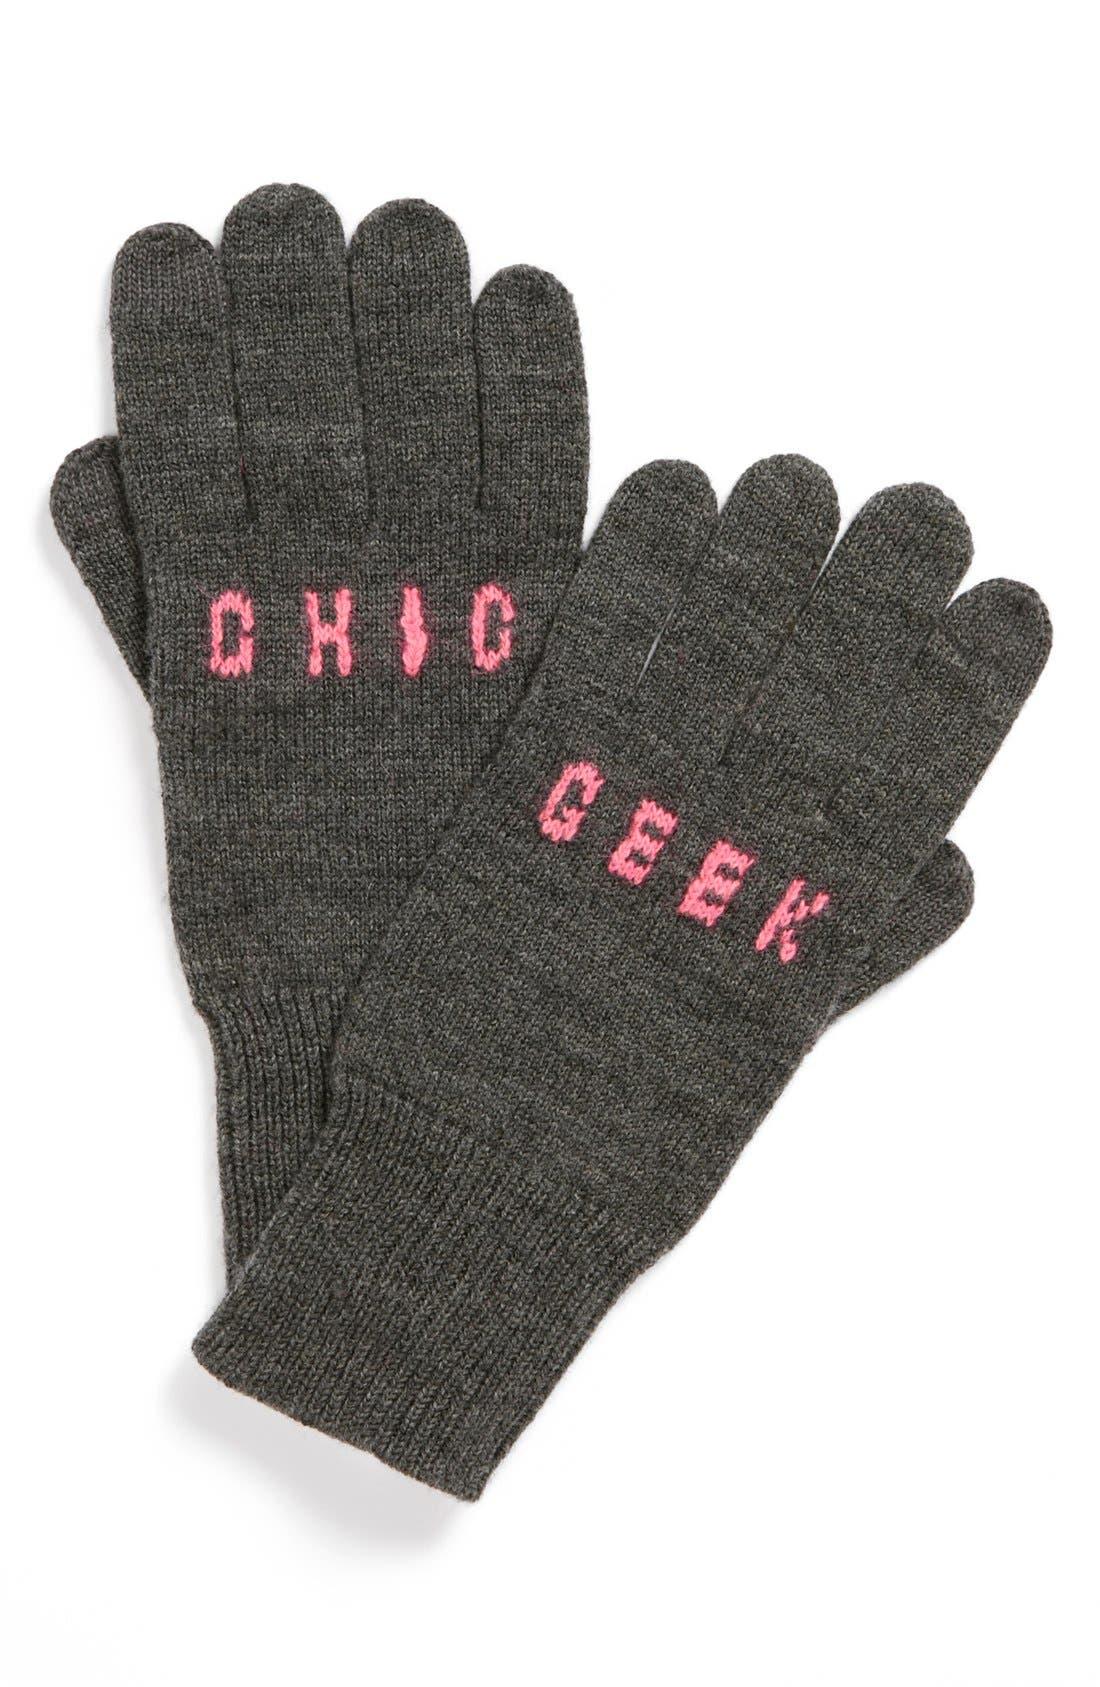 Main Image - kate spade new york 'geek chic' merino wool gloves